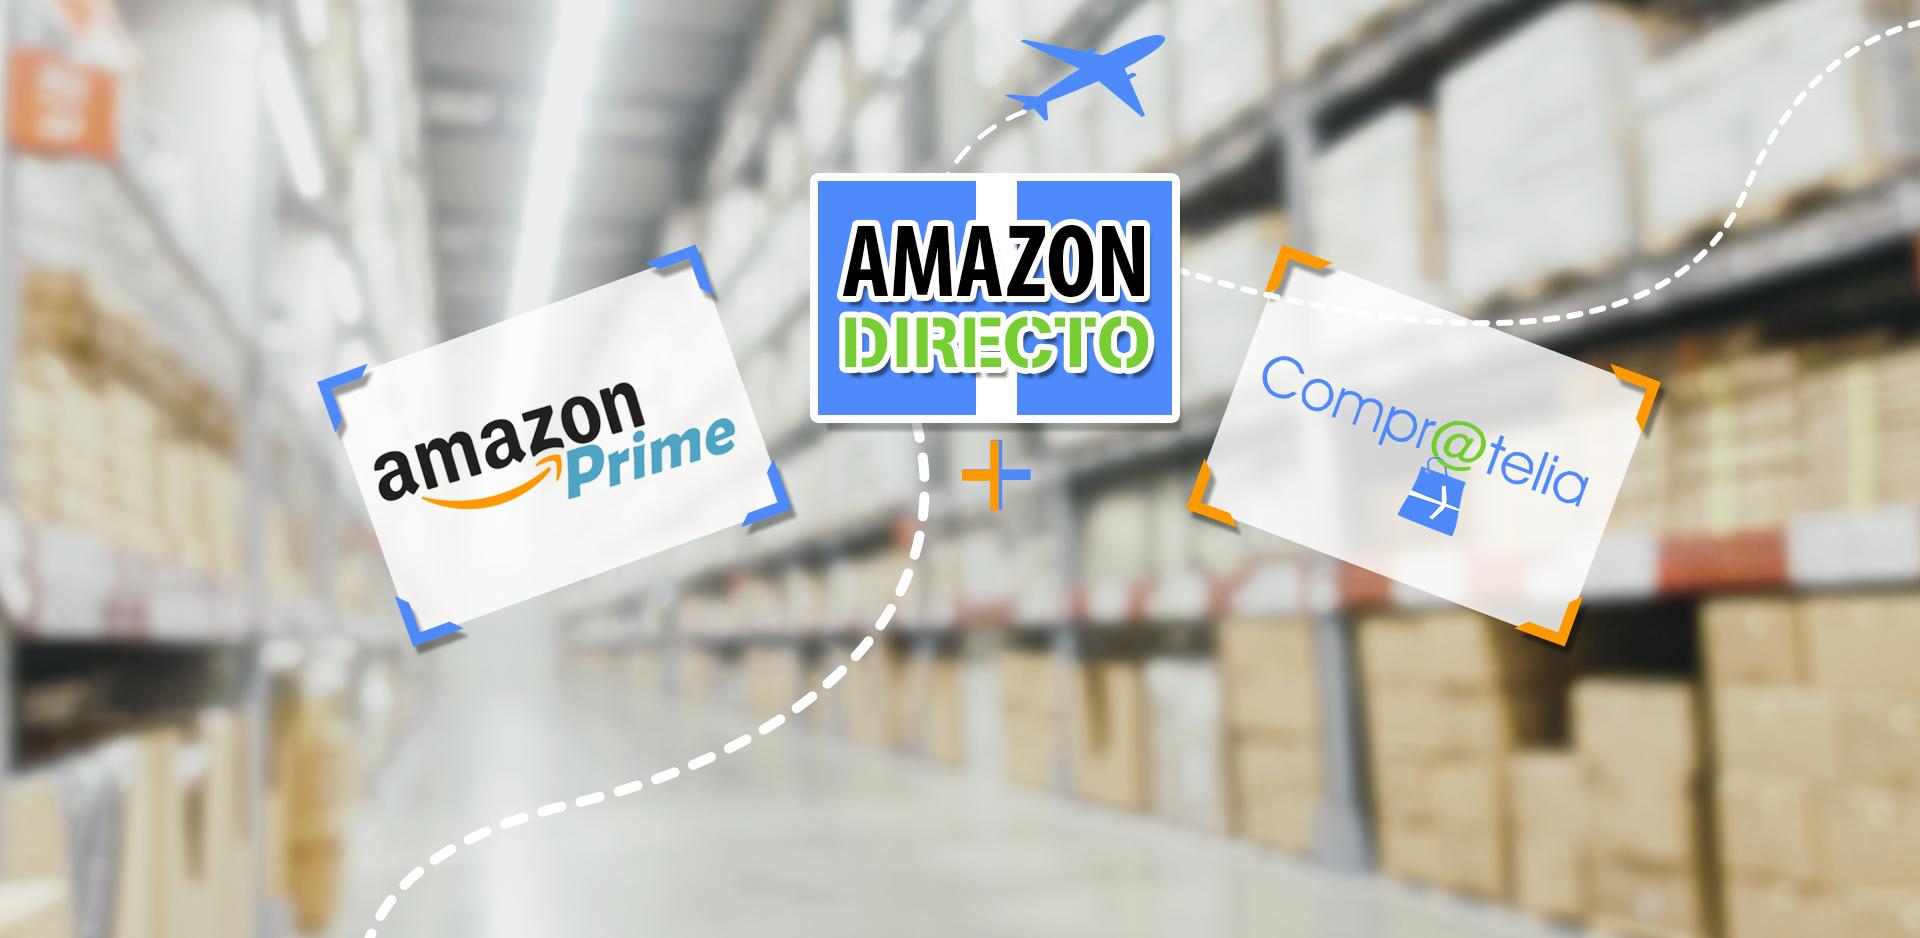 Amazon Directo